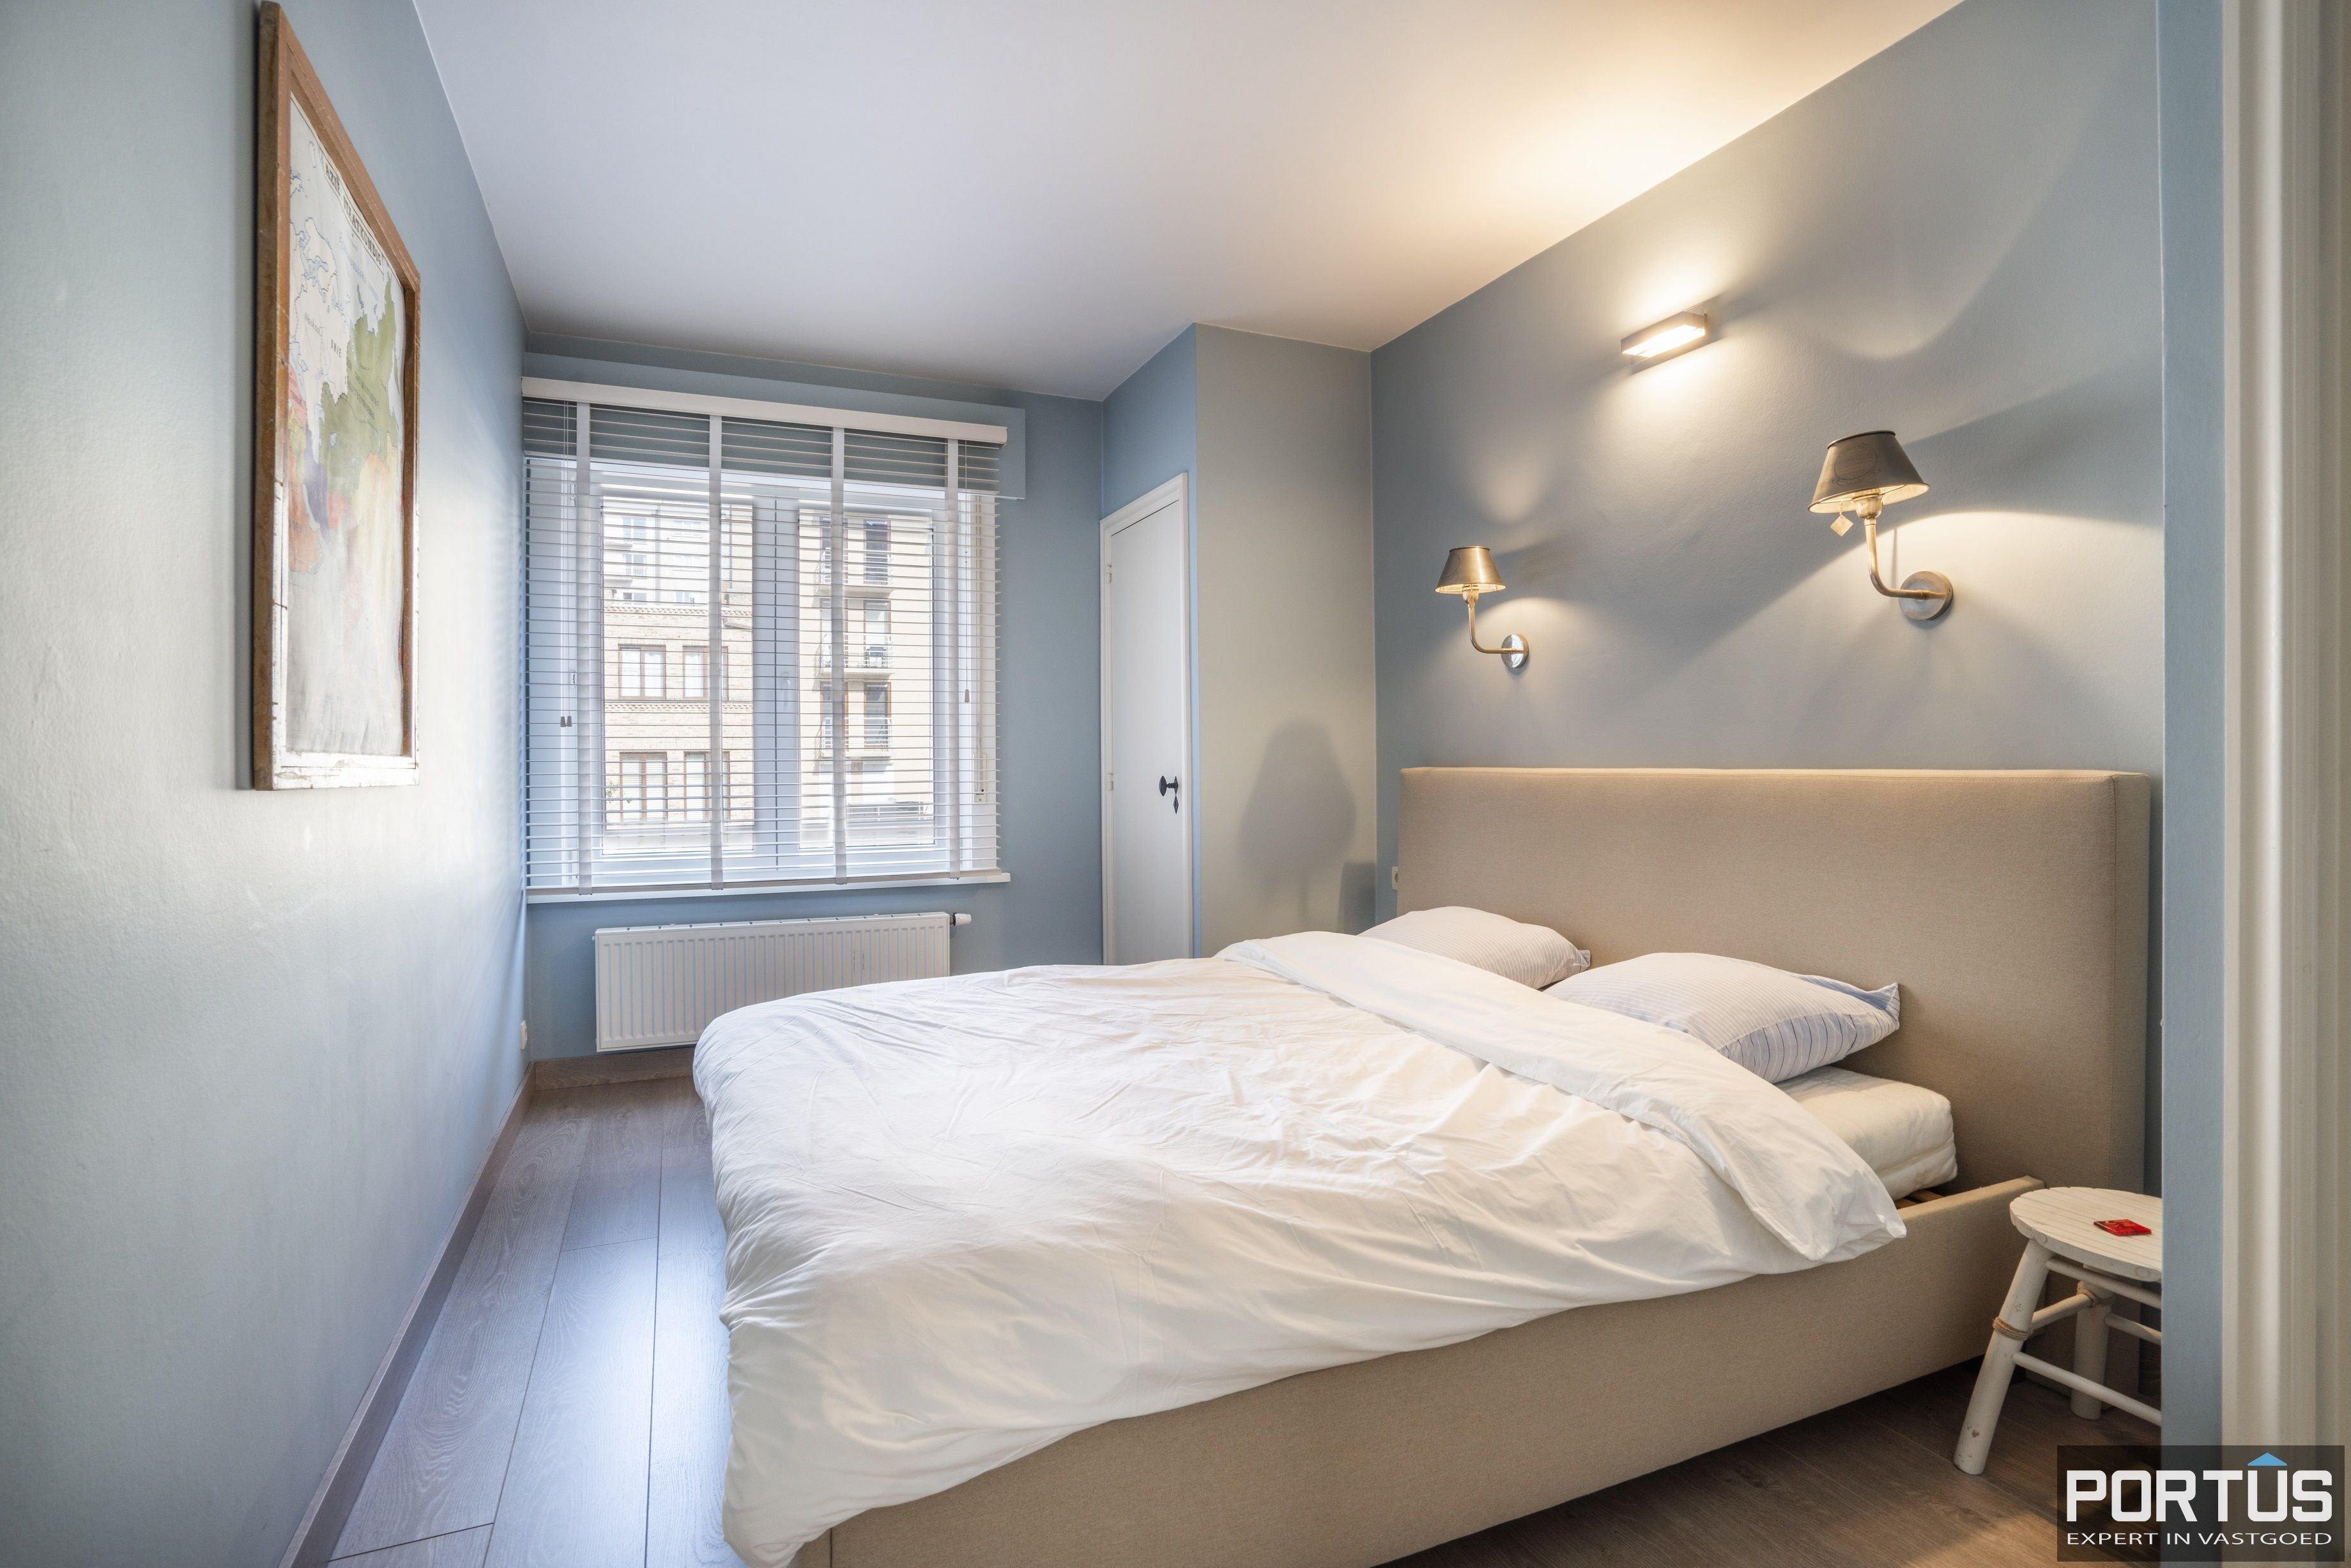 Appartement met 3 slaapkamers te koop te Nieuwpoort-Bad - 13778